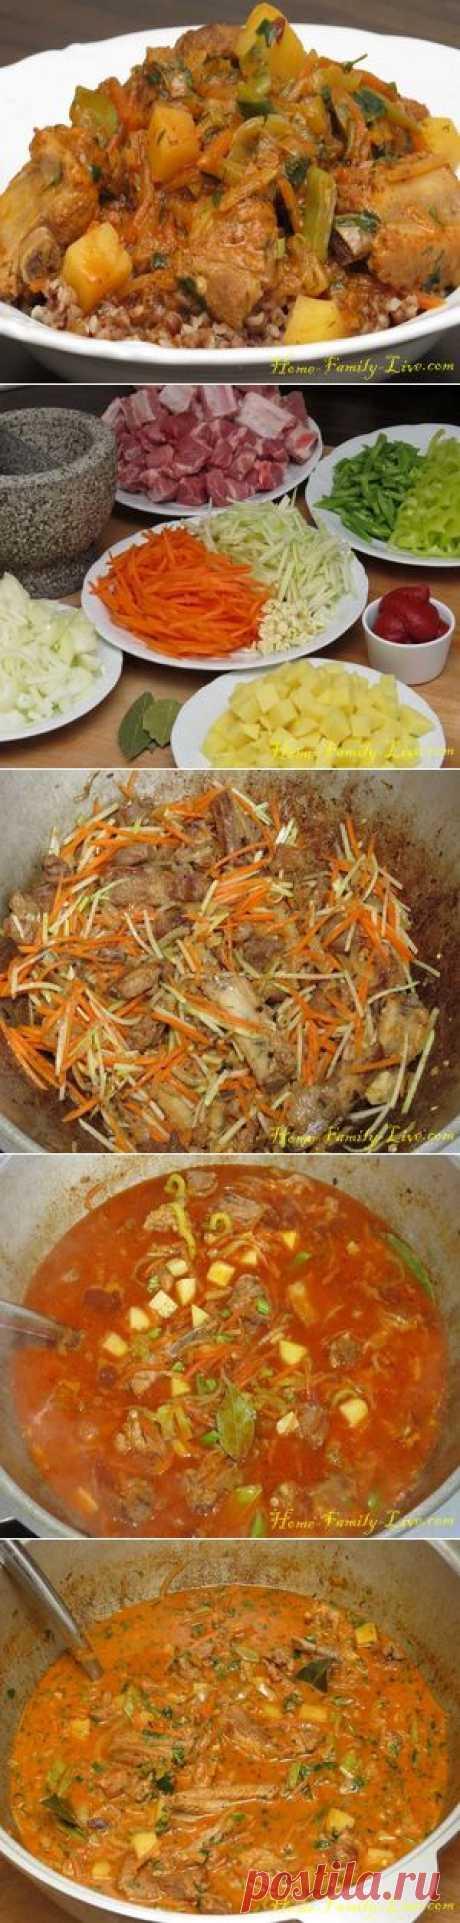 Подлива - Кулинарные рецепты